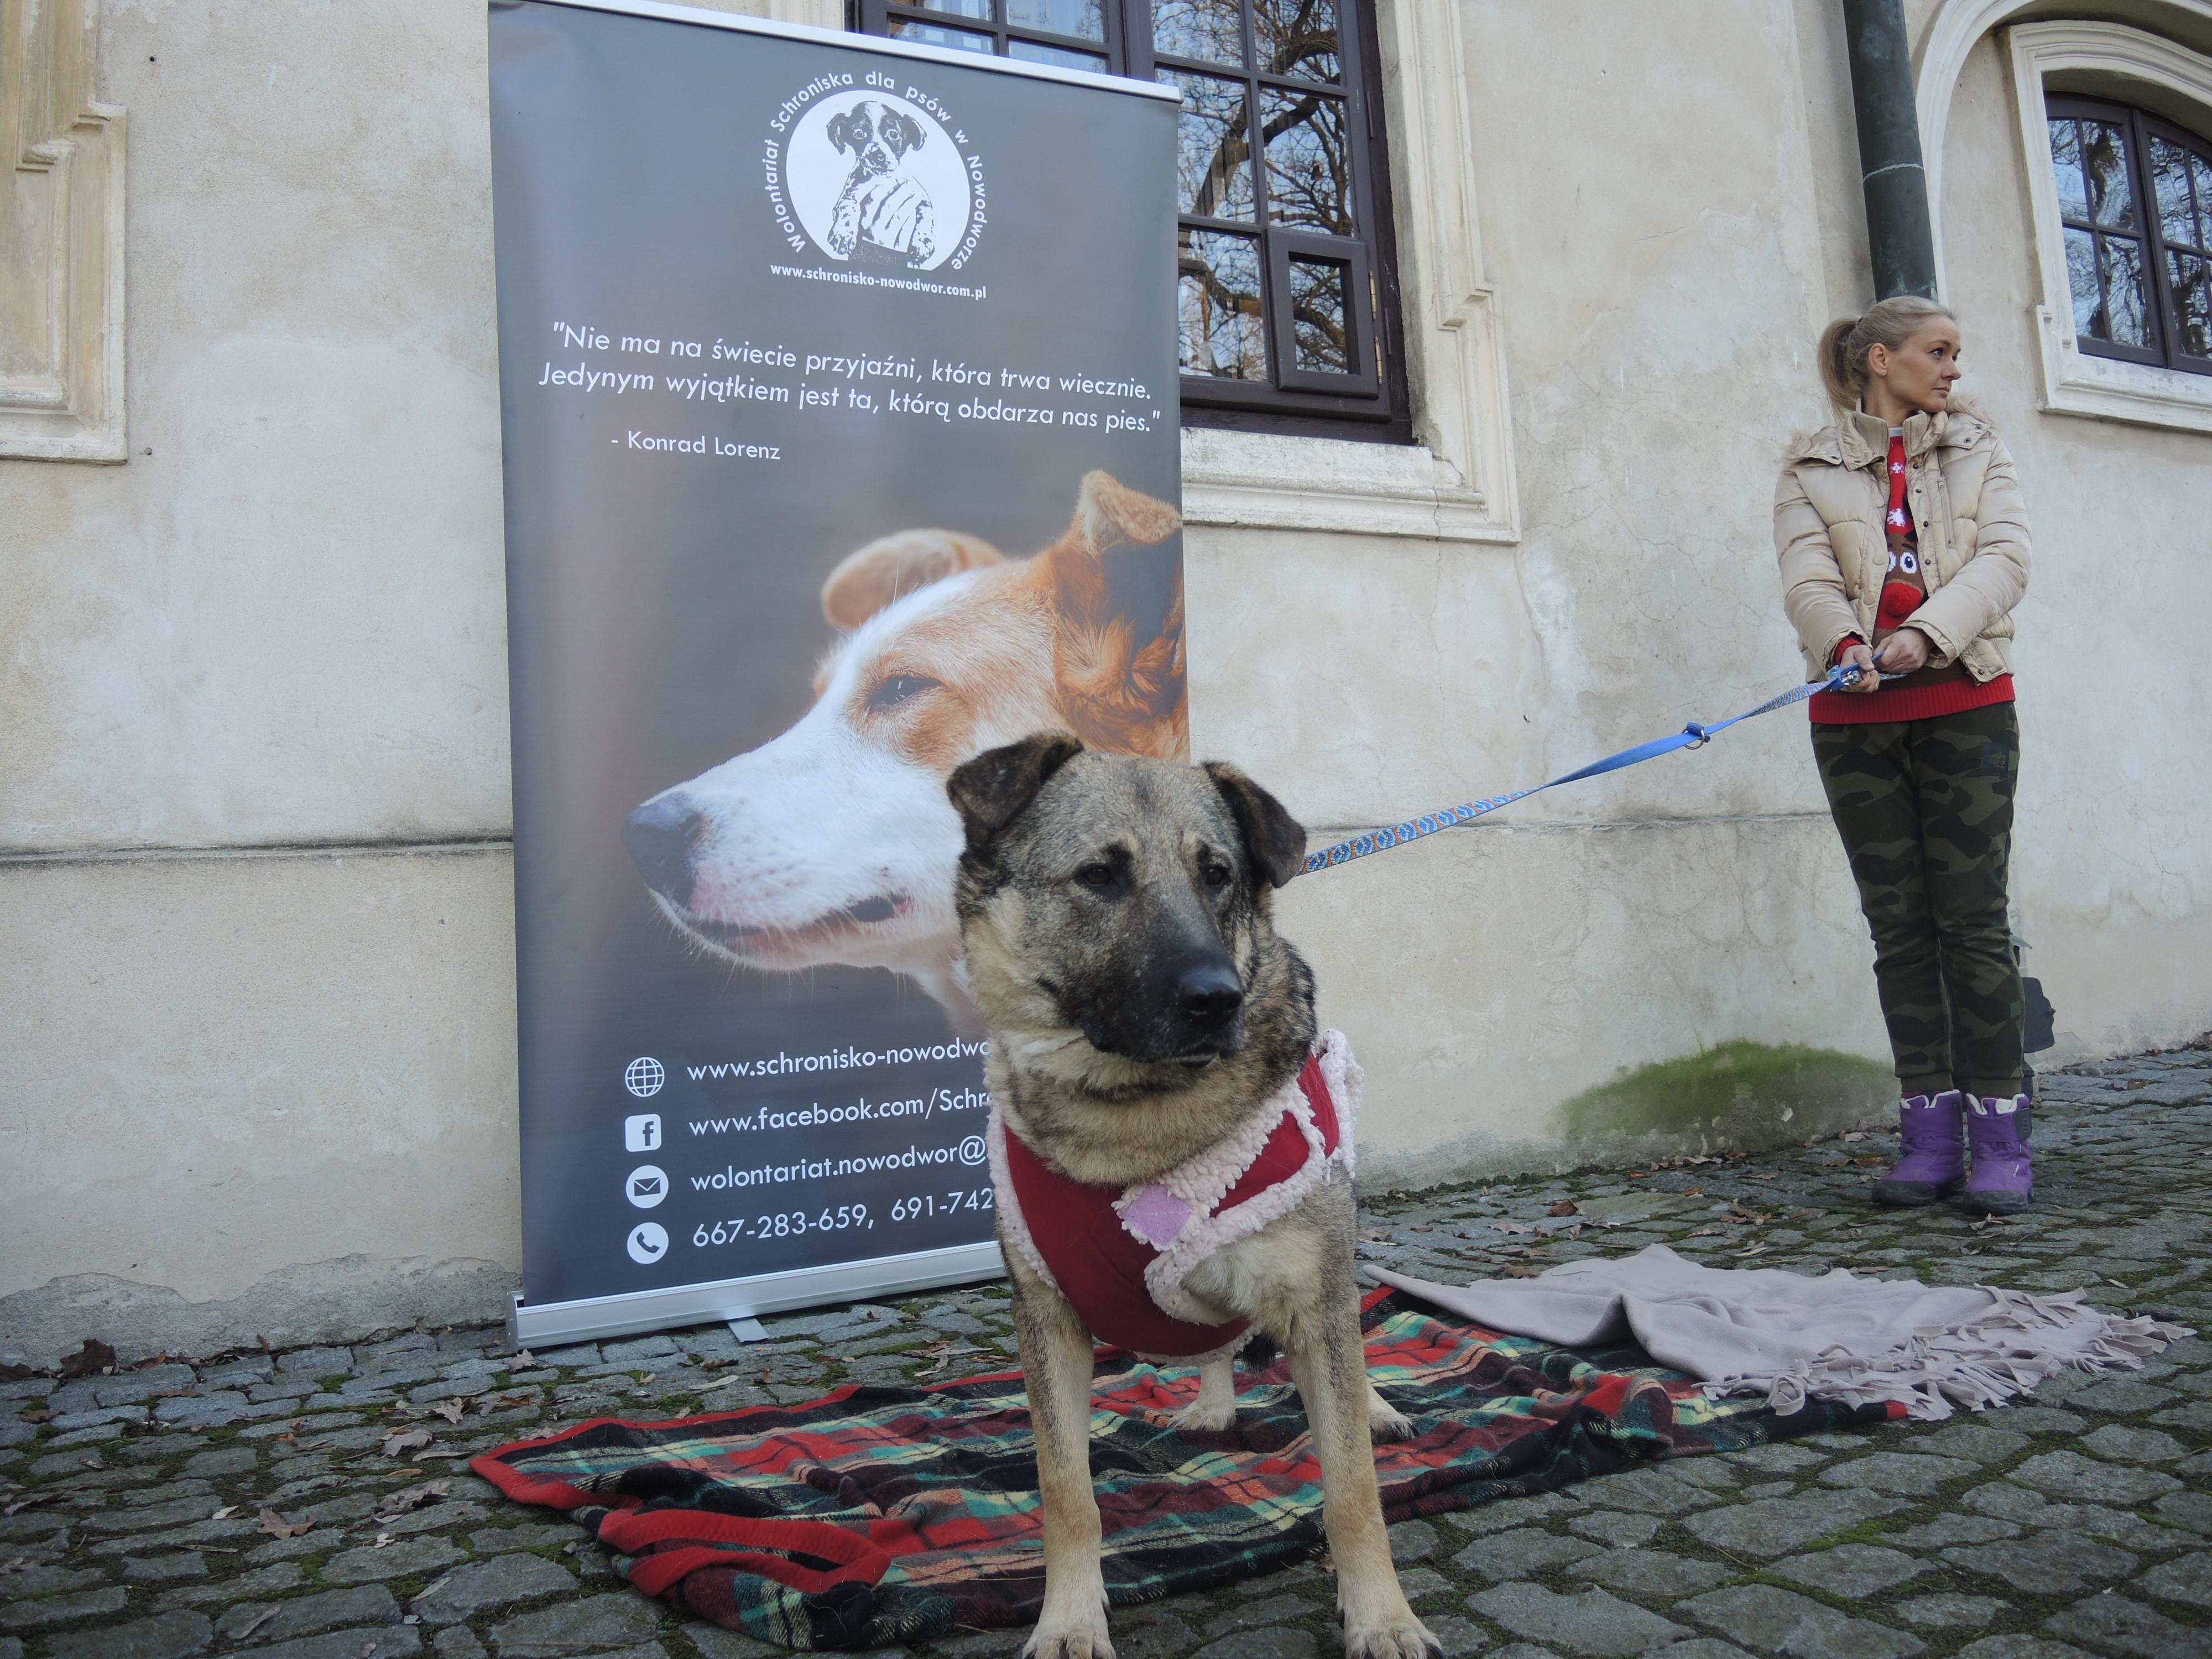 Fotografia. Duży, beżowo-czarny pies, z ciemniejszymi uszami i pyskiem, ubrany w czerwony kubraczek z kremowym kożuszkiem trzymany na smyczy przez młodą kobietę. Pies stoi na kocu w wielokolorową kratkę, w tle baner z logo Wolontariatu Schroniska dla psów w Nowodworze przedstawiające małego pieska trzymanego w dłoni.